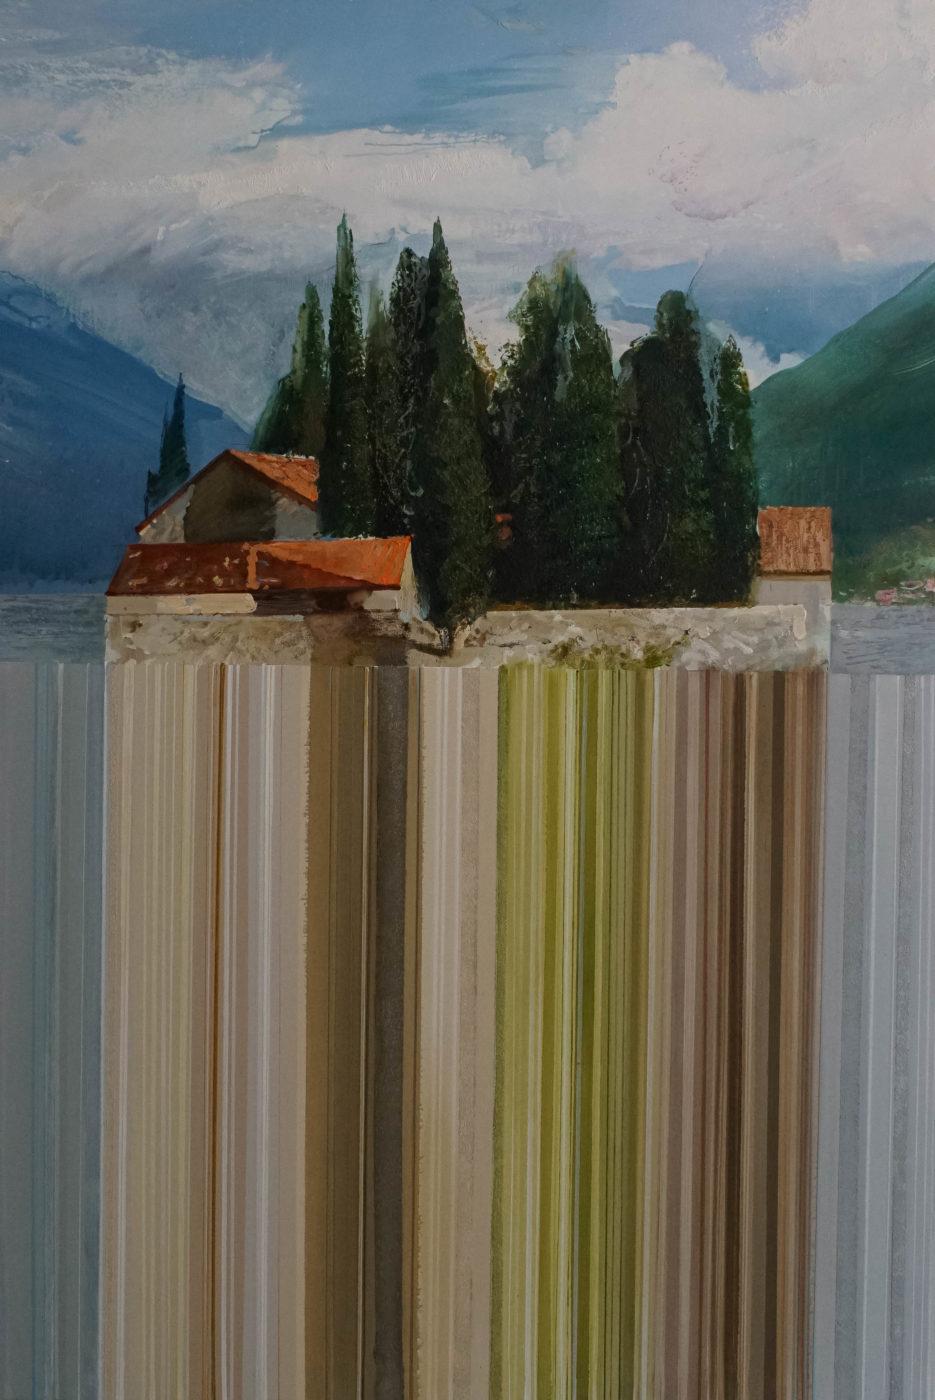 Ein Gemälde auf dem im oberen Drittel die Klosterinsel Sveti Dorde zu deutsch heiliger Georg zu sehen ist. In den zwei unteren Dritteln